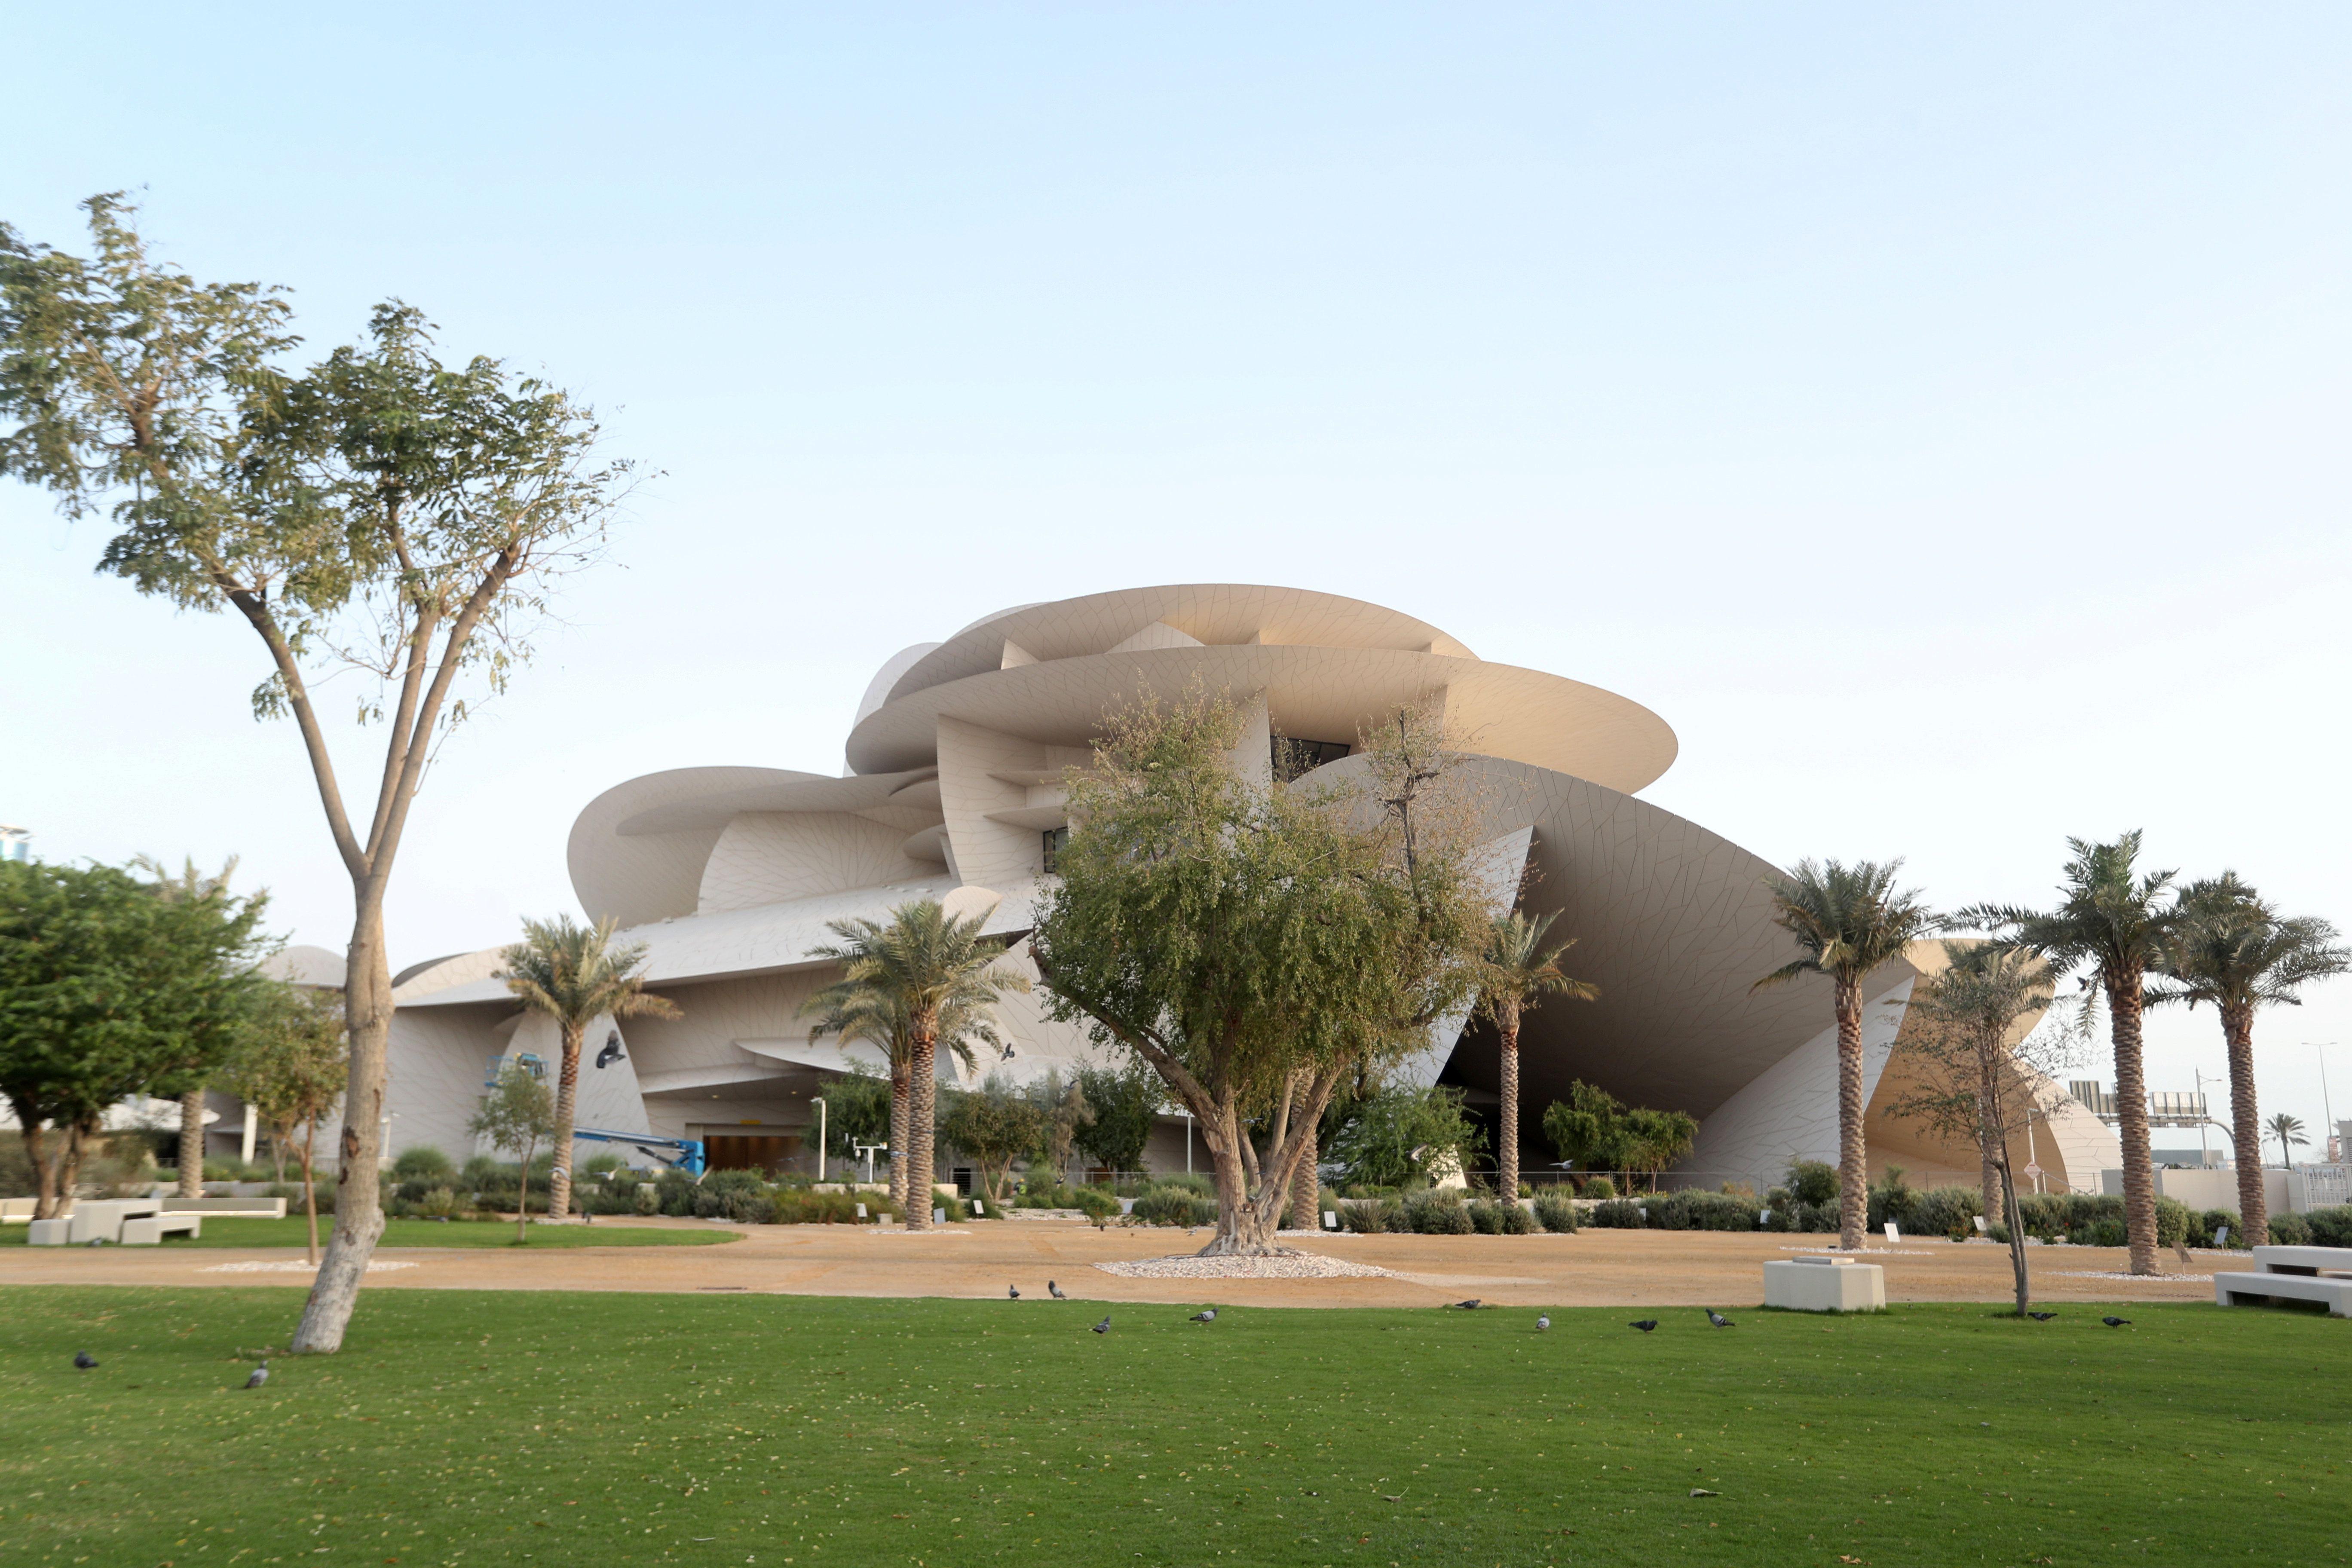 The Art of Geopolitics: Qatar's New Museum